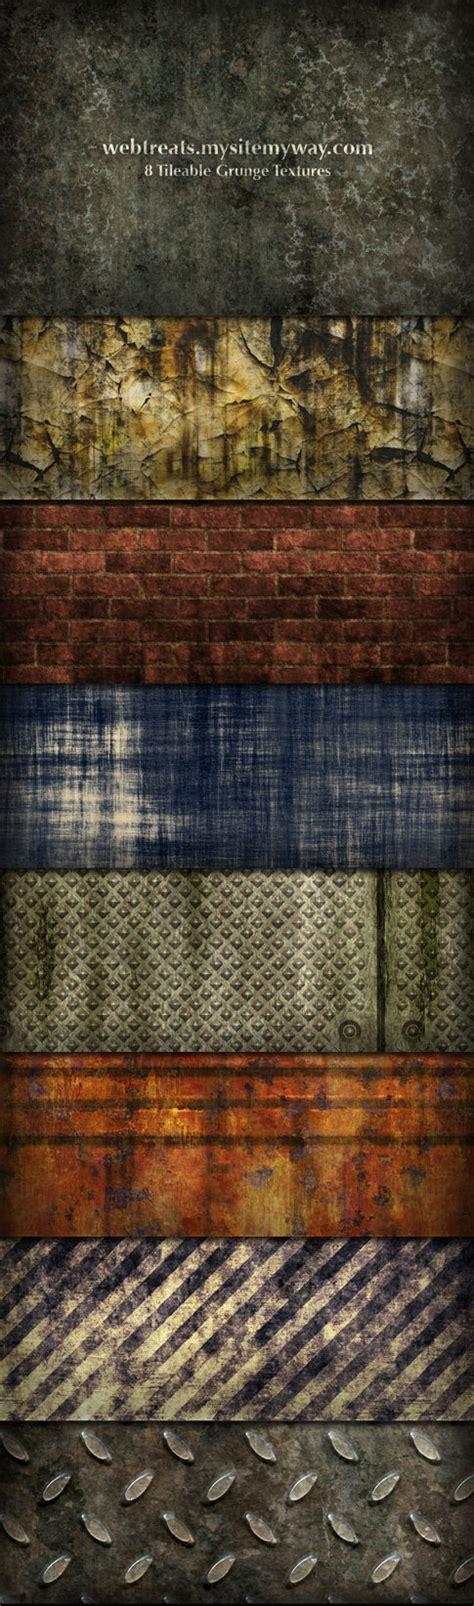 pattern textures deviantart grunge textures and patterns by webtreatsetc on deviantart